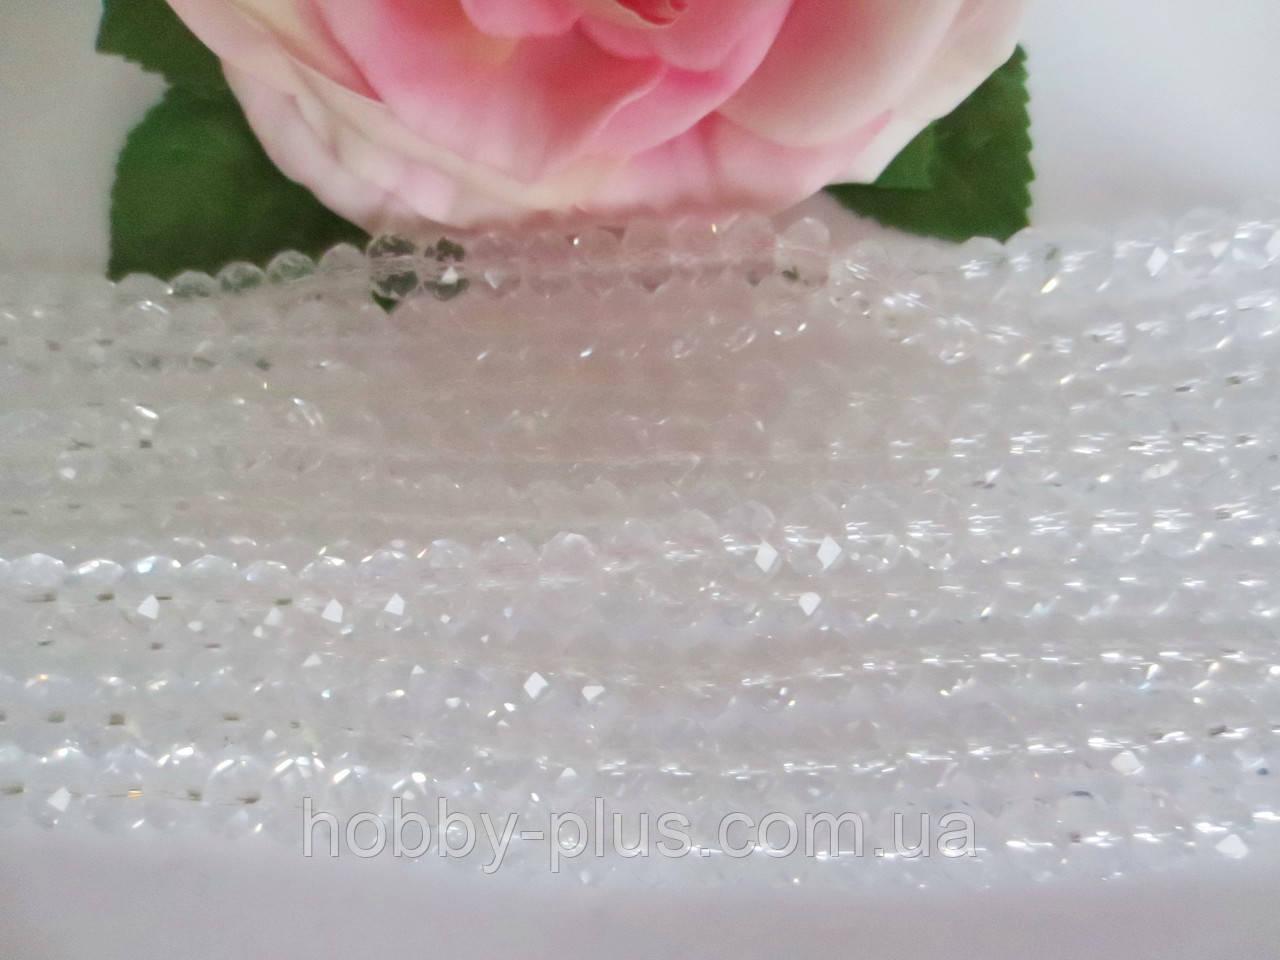 Бусины хрустальные 8х6 мм, 20-22 шт, цвет белый (прозрачный)